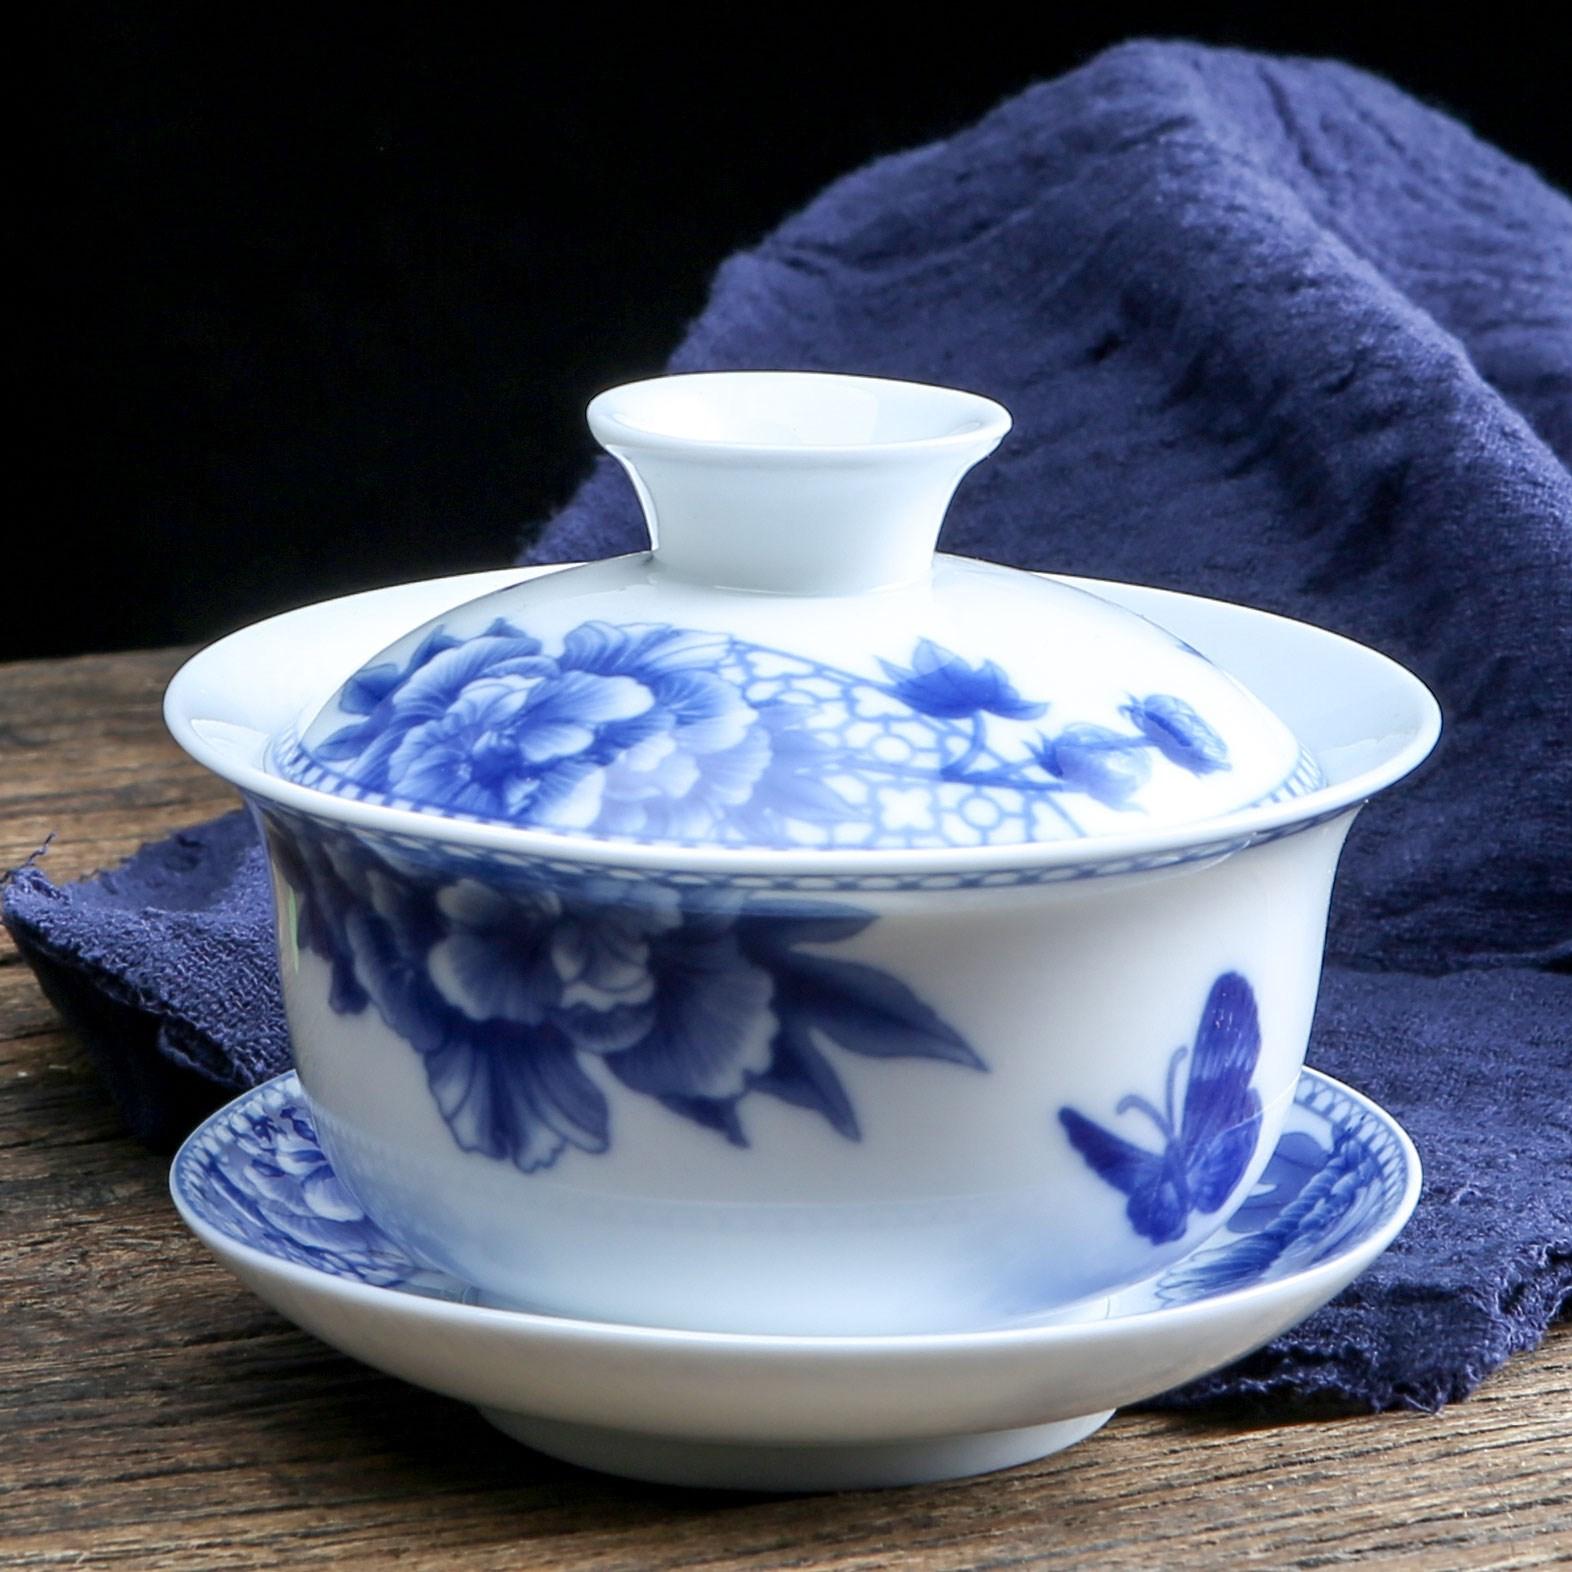 盖碗茶杯 景德镇大号泡茶碗青花瓷手抓三才碗陶瓷功夫敬茶碗茶具